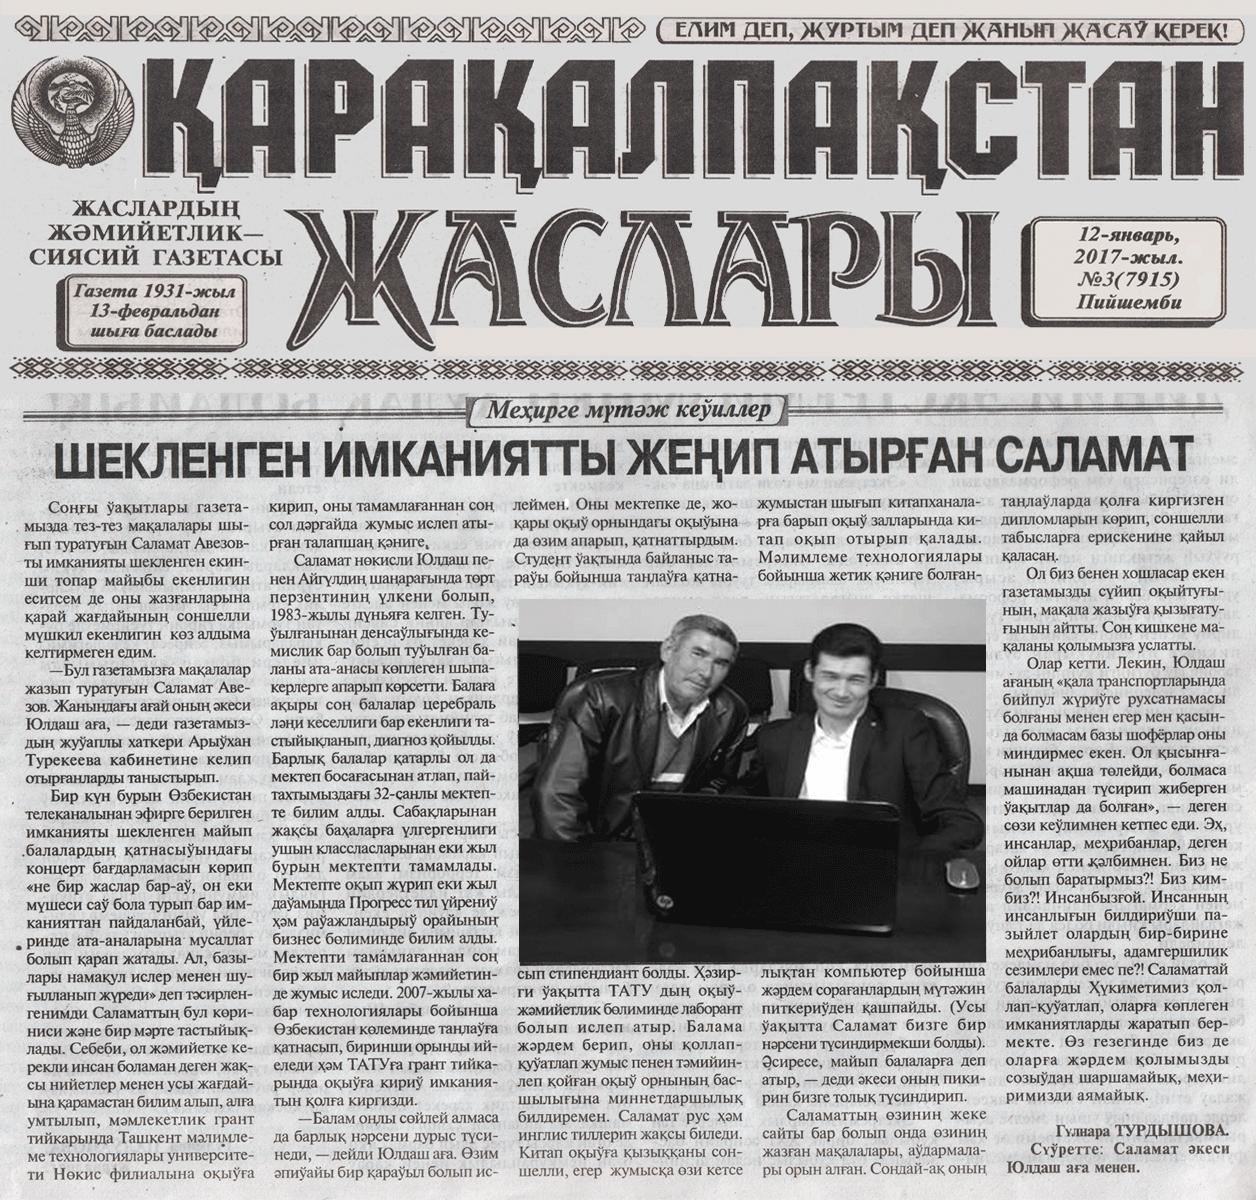 «Қарақалпақстан жаслары» газетасы 12-январь, 2017-жыл №3 (7915)